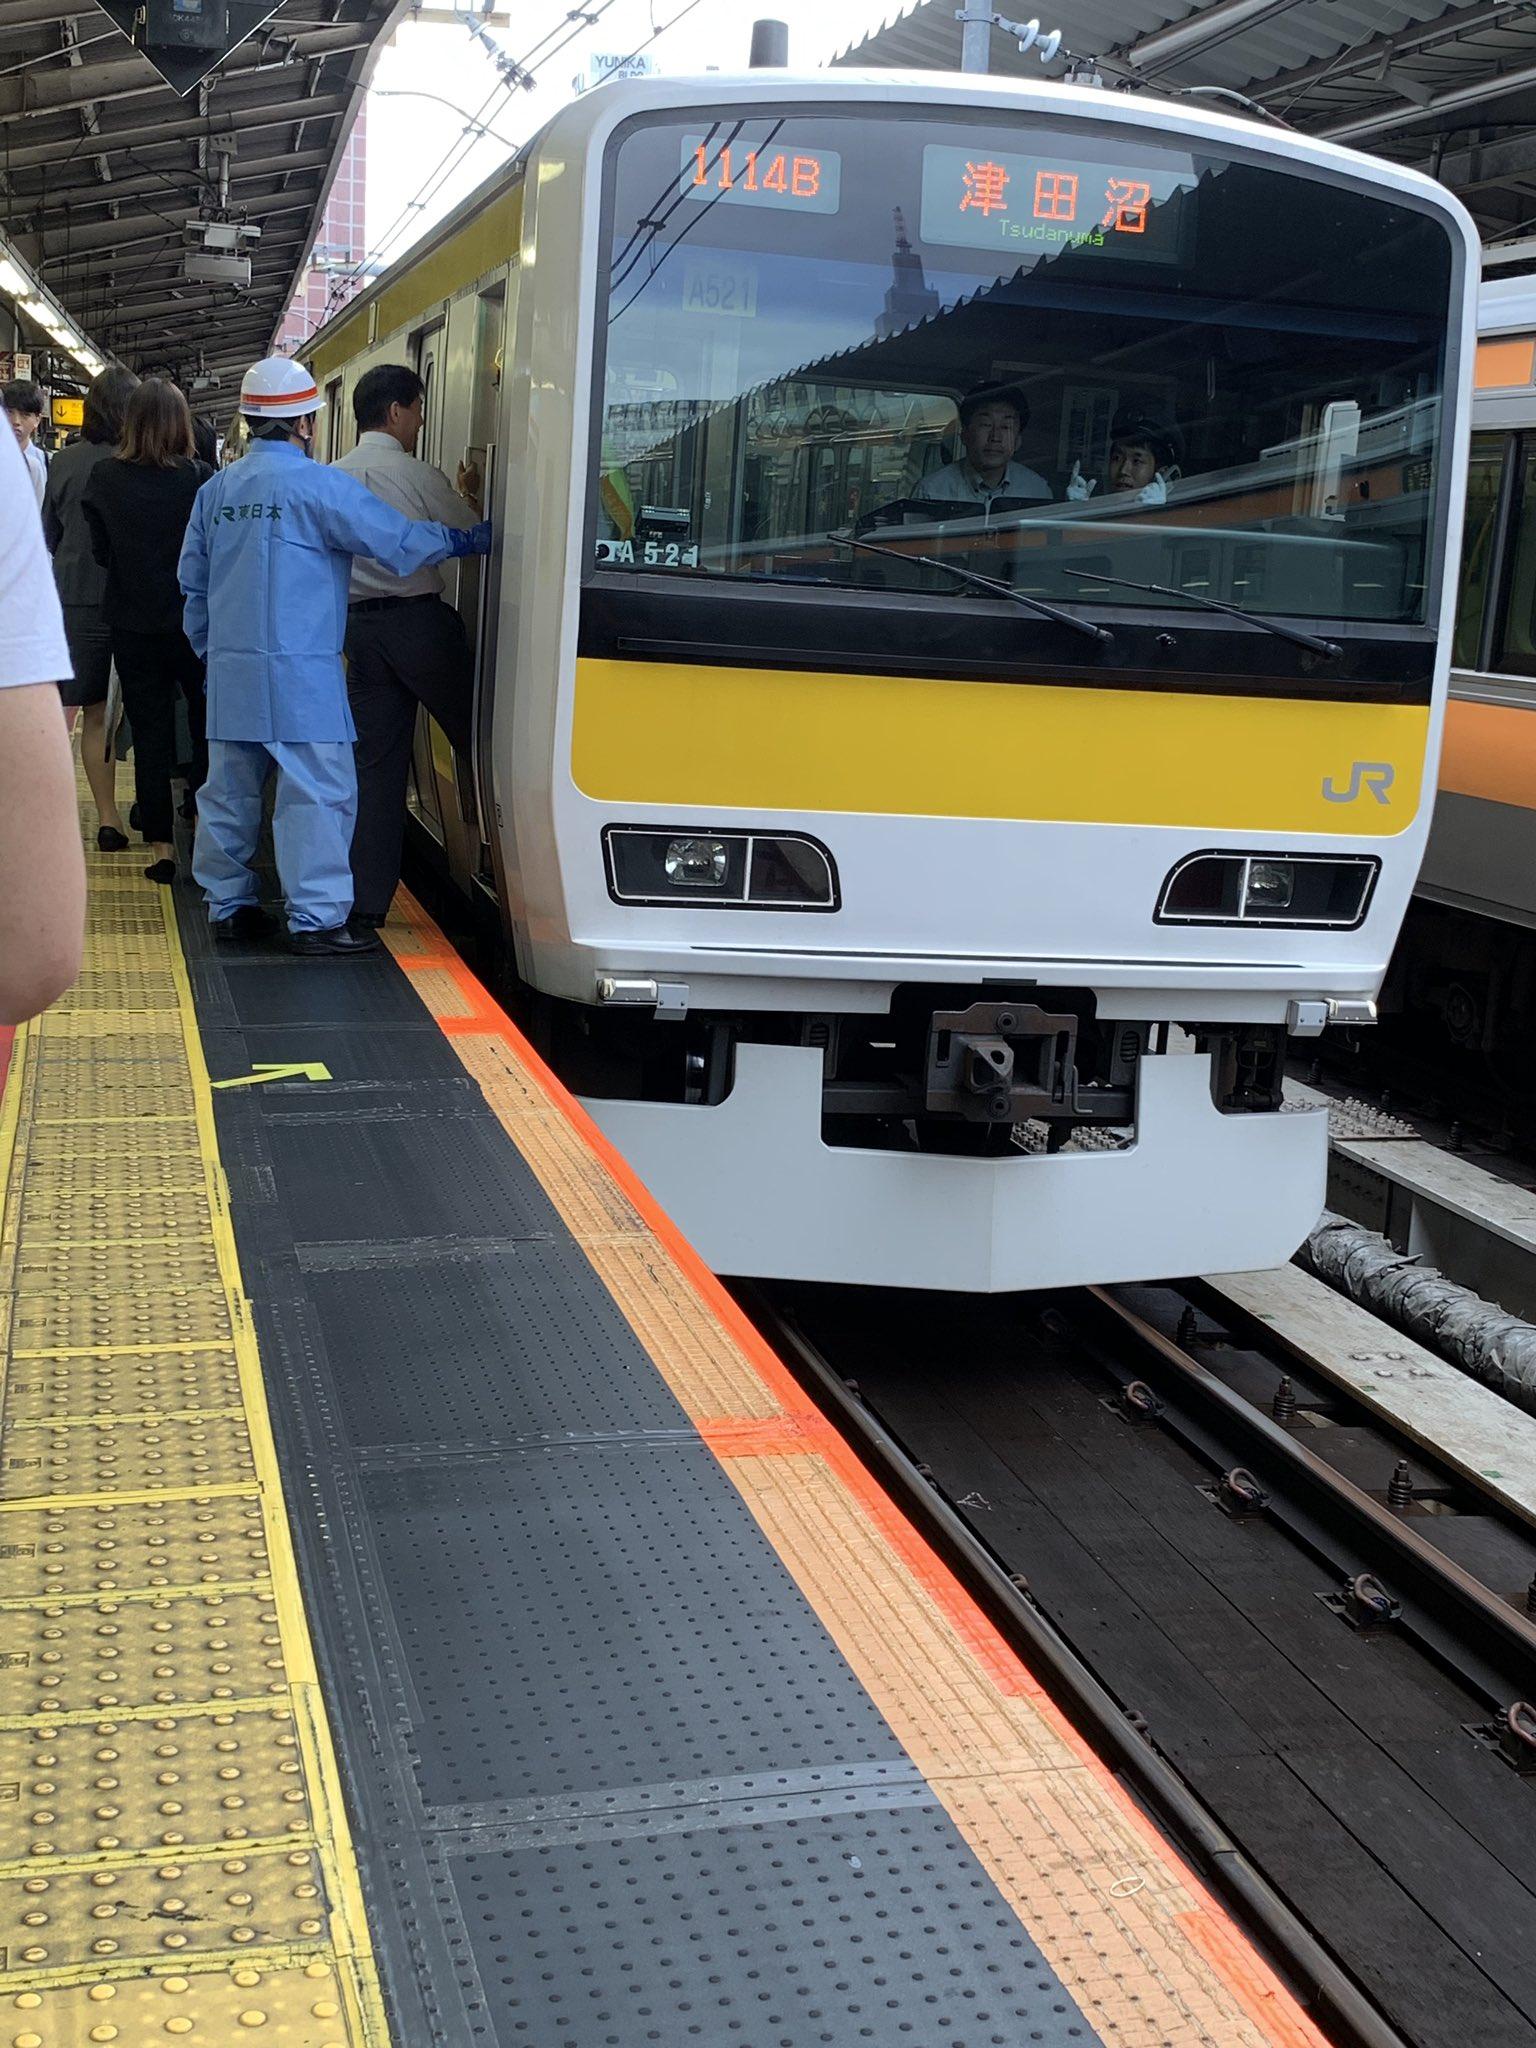 中央・総武線の新宿駅で人身事故が起きた現場の画像